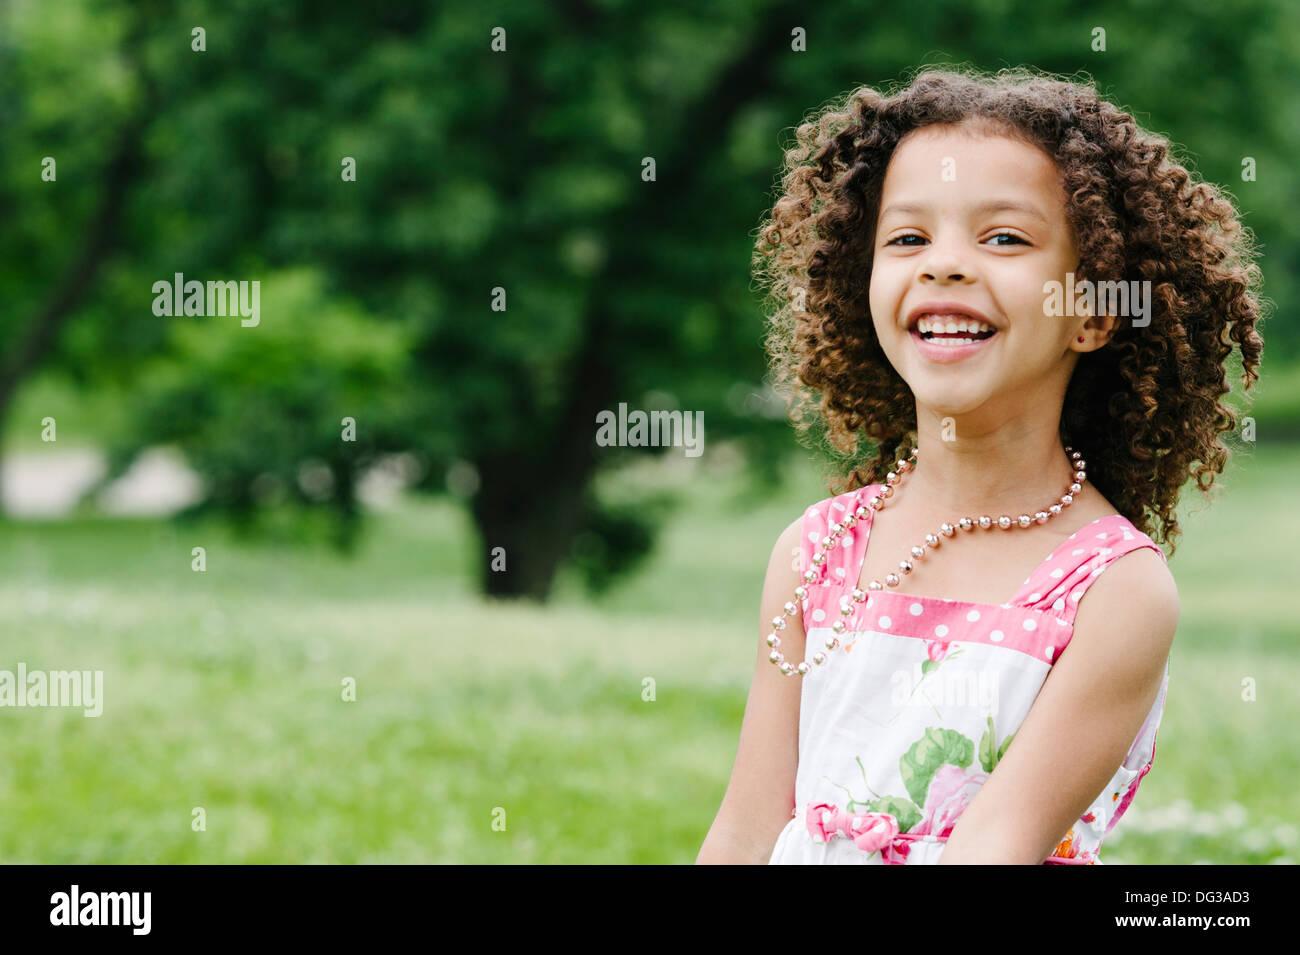 Souriante jeune fille aux cheveux bruns bouclés, Portrait Photo Stock